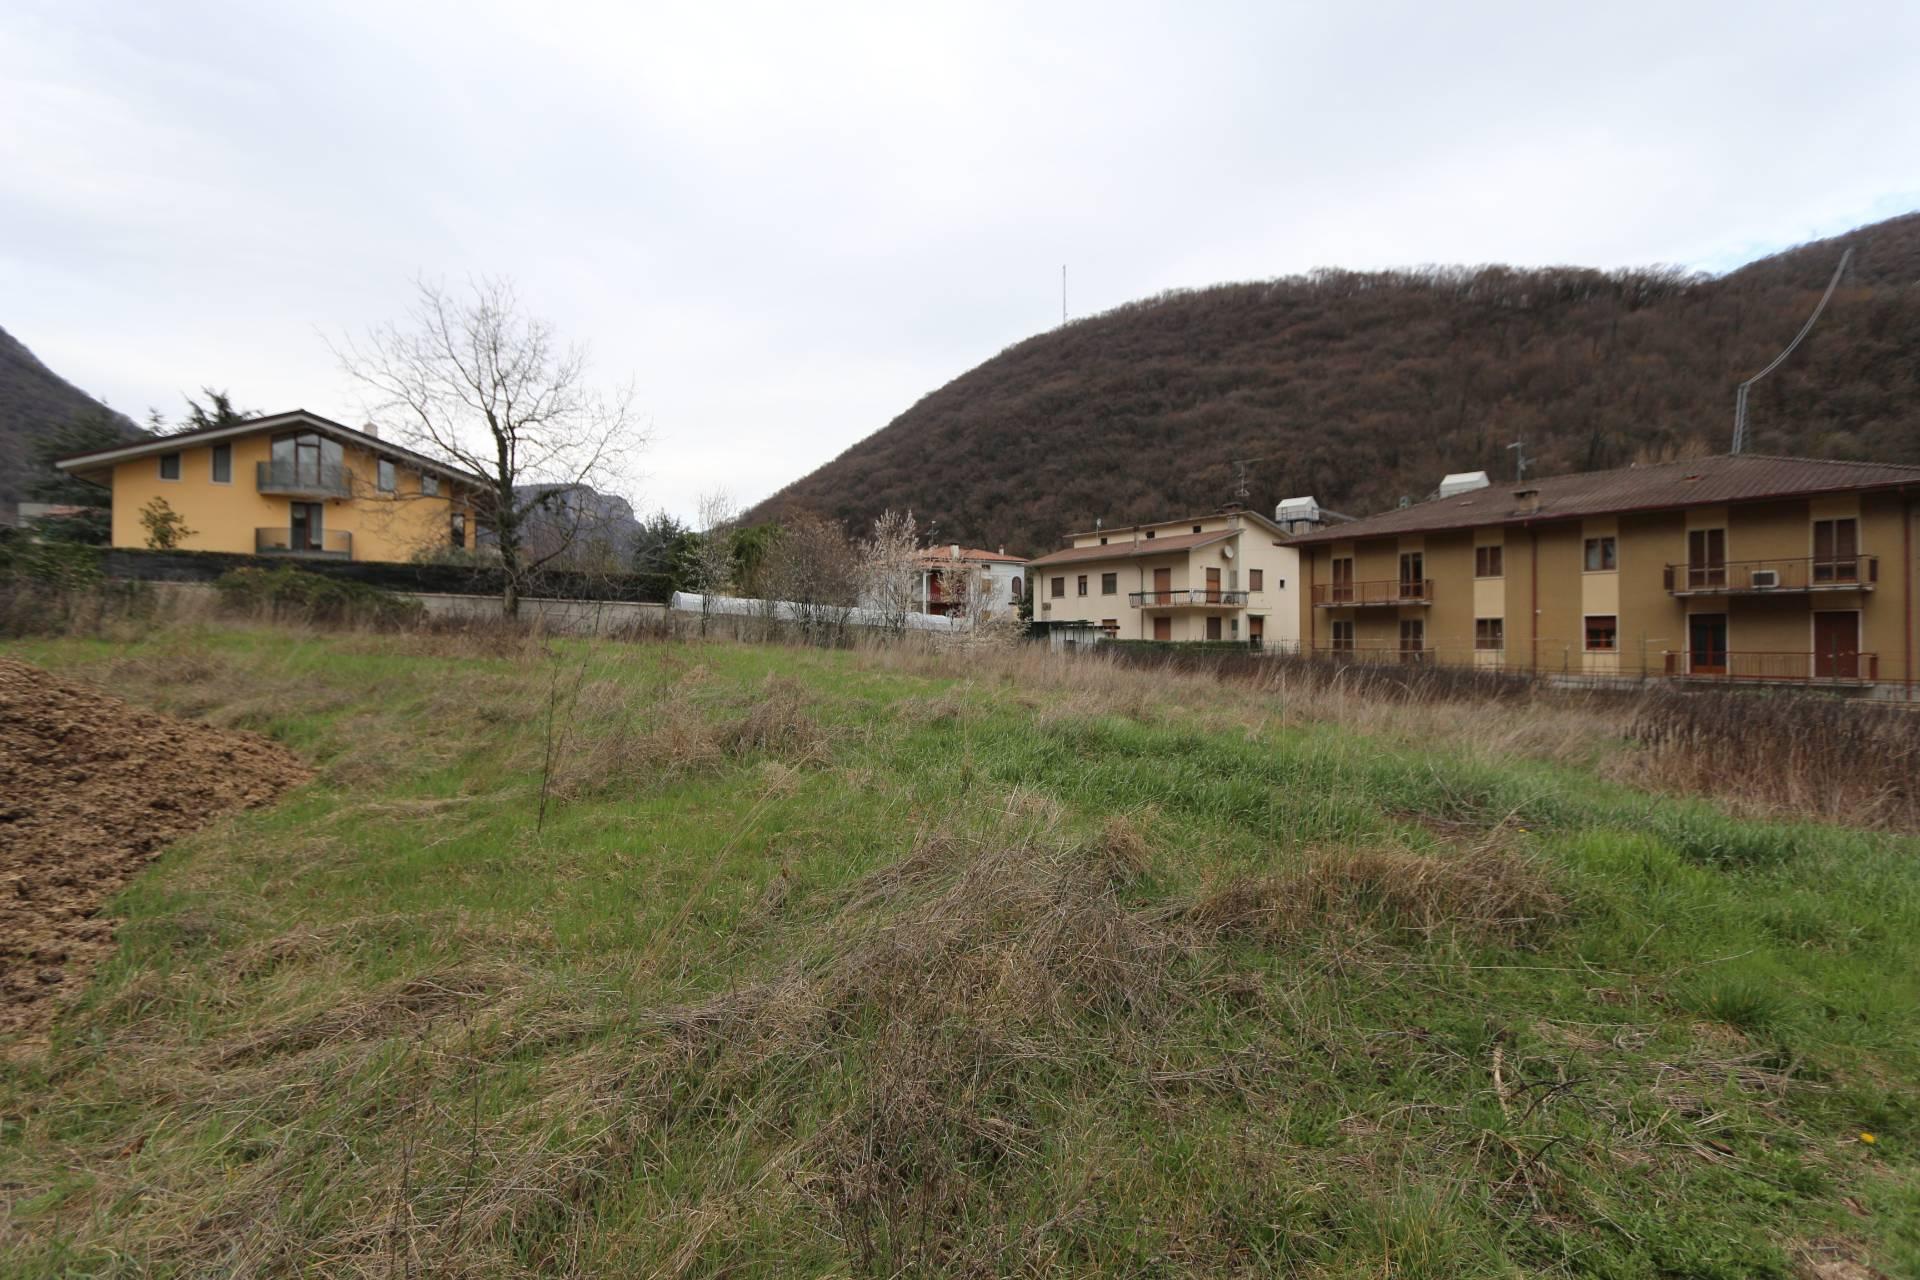 Terreno Edificabile Residenziale in vendita a Grezzana, 9999 locali, zona Zona: Lugo, prezzo € 95.000 | Cambio Casa.it